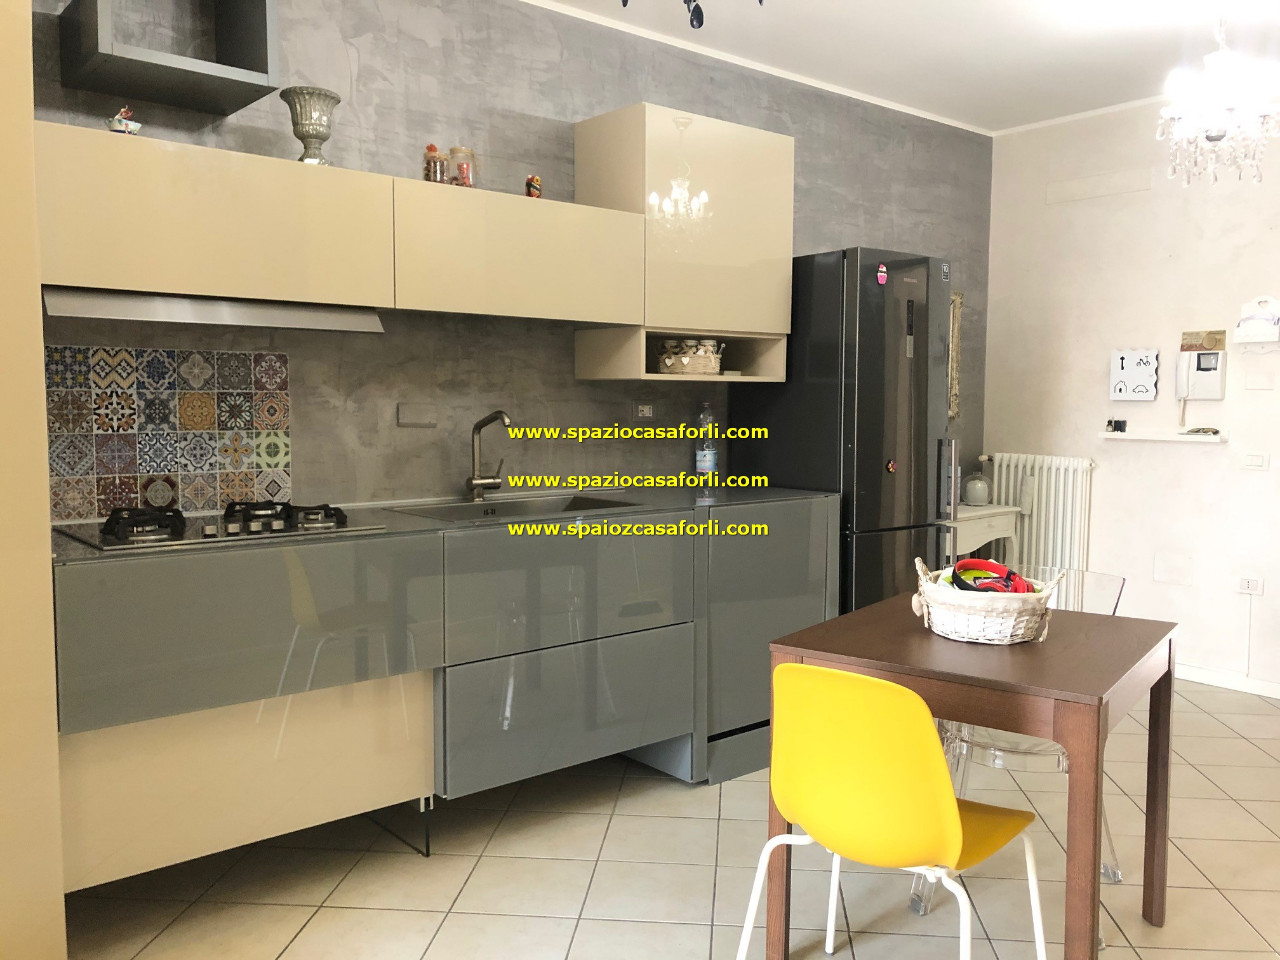 Appartamento in vendita Forli Zona Foro Boario